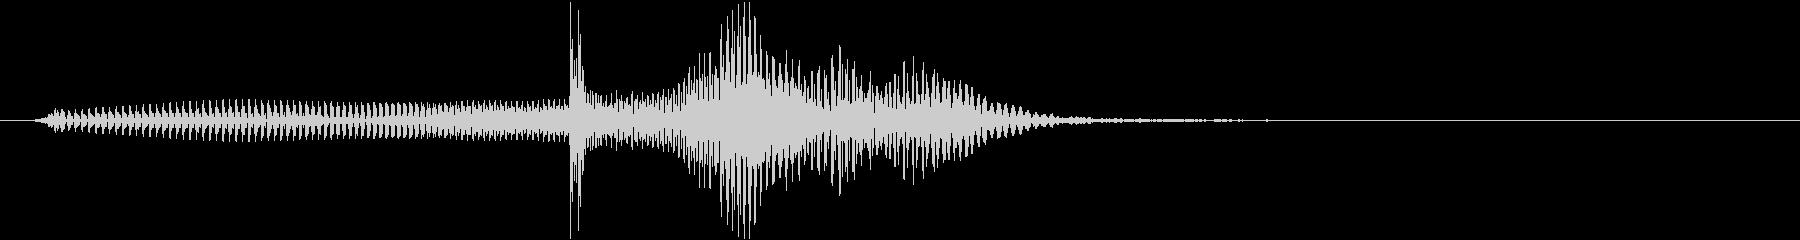 女性:ボーカル、コメディ、カートゥ...の未再生の波形